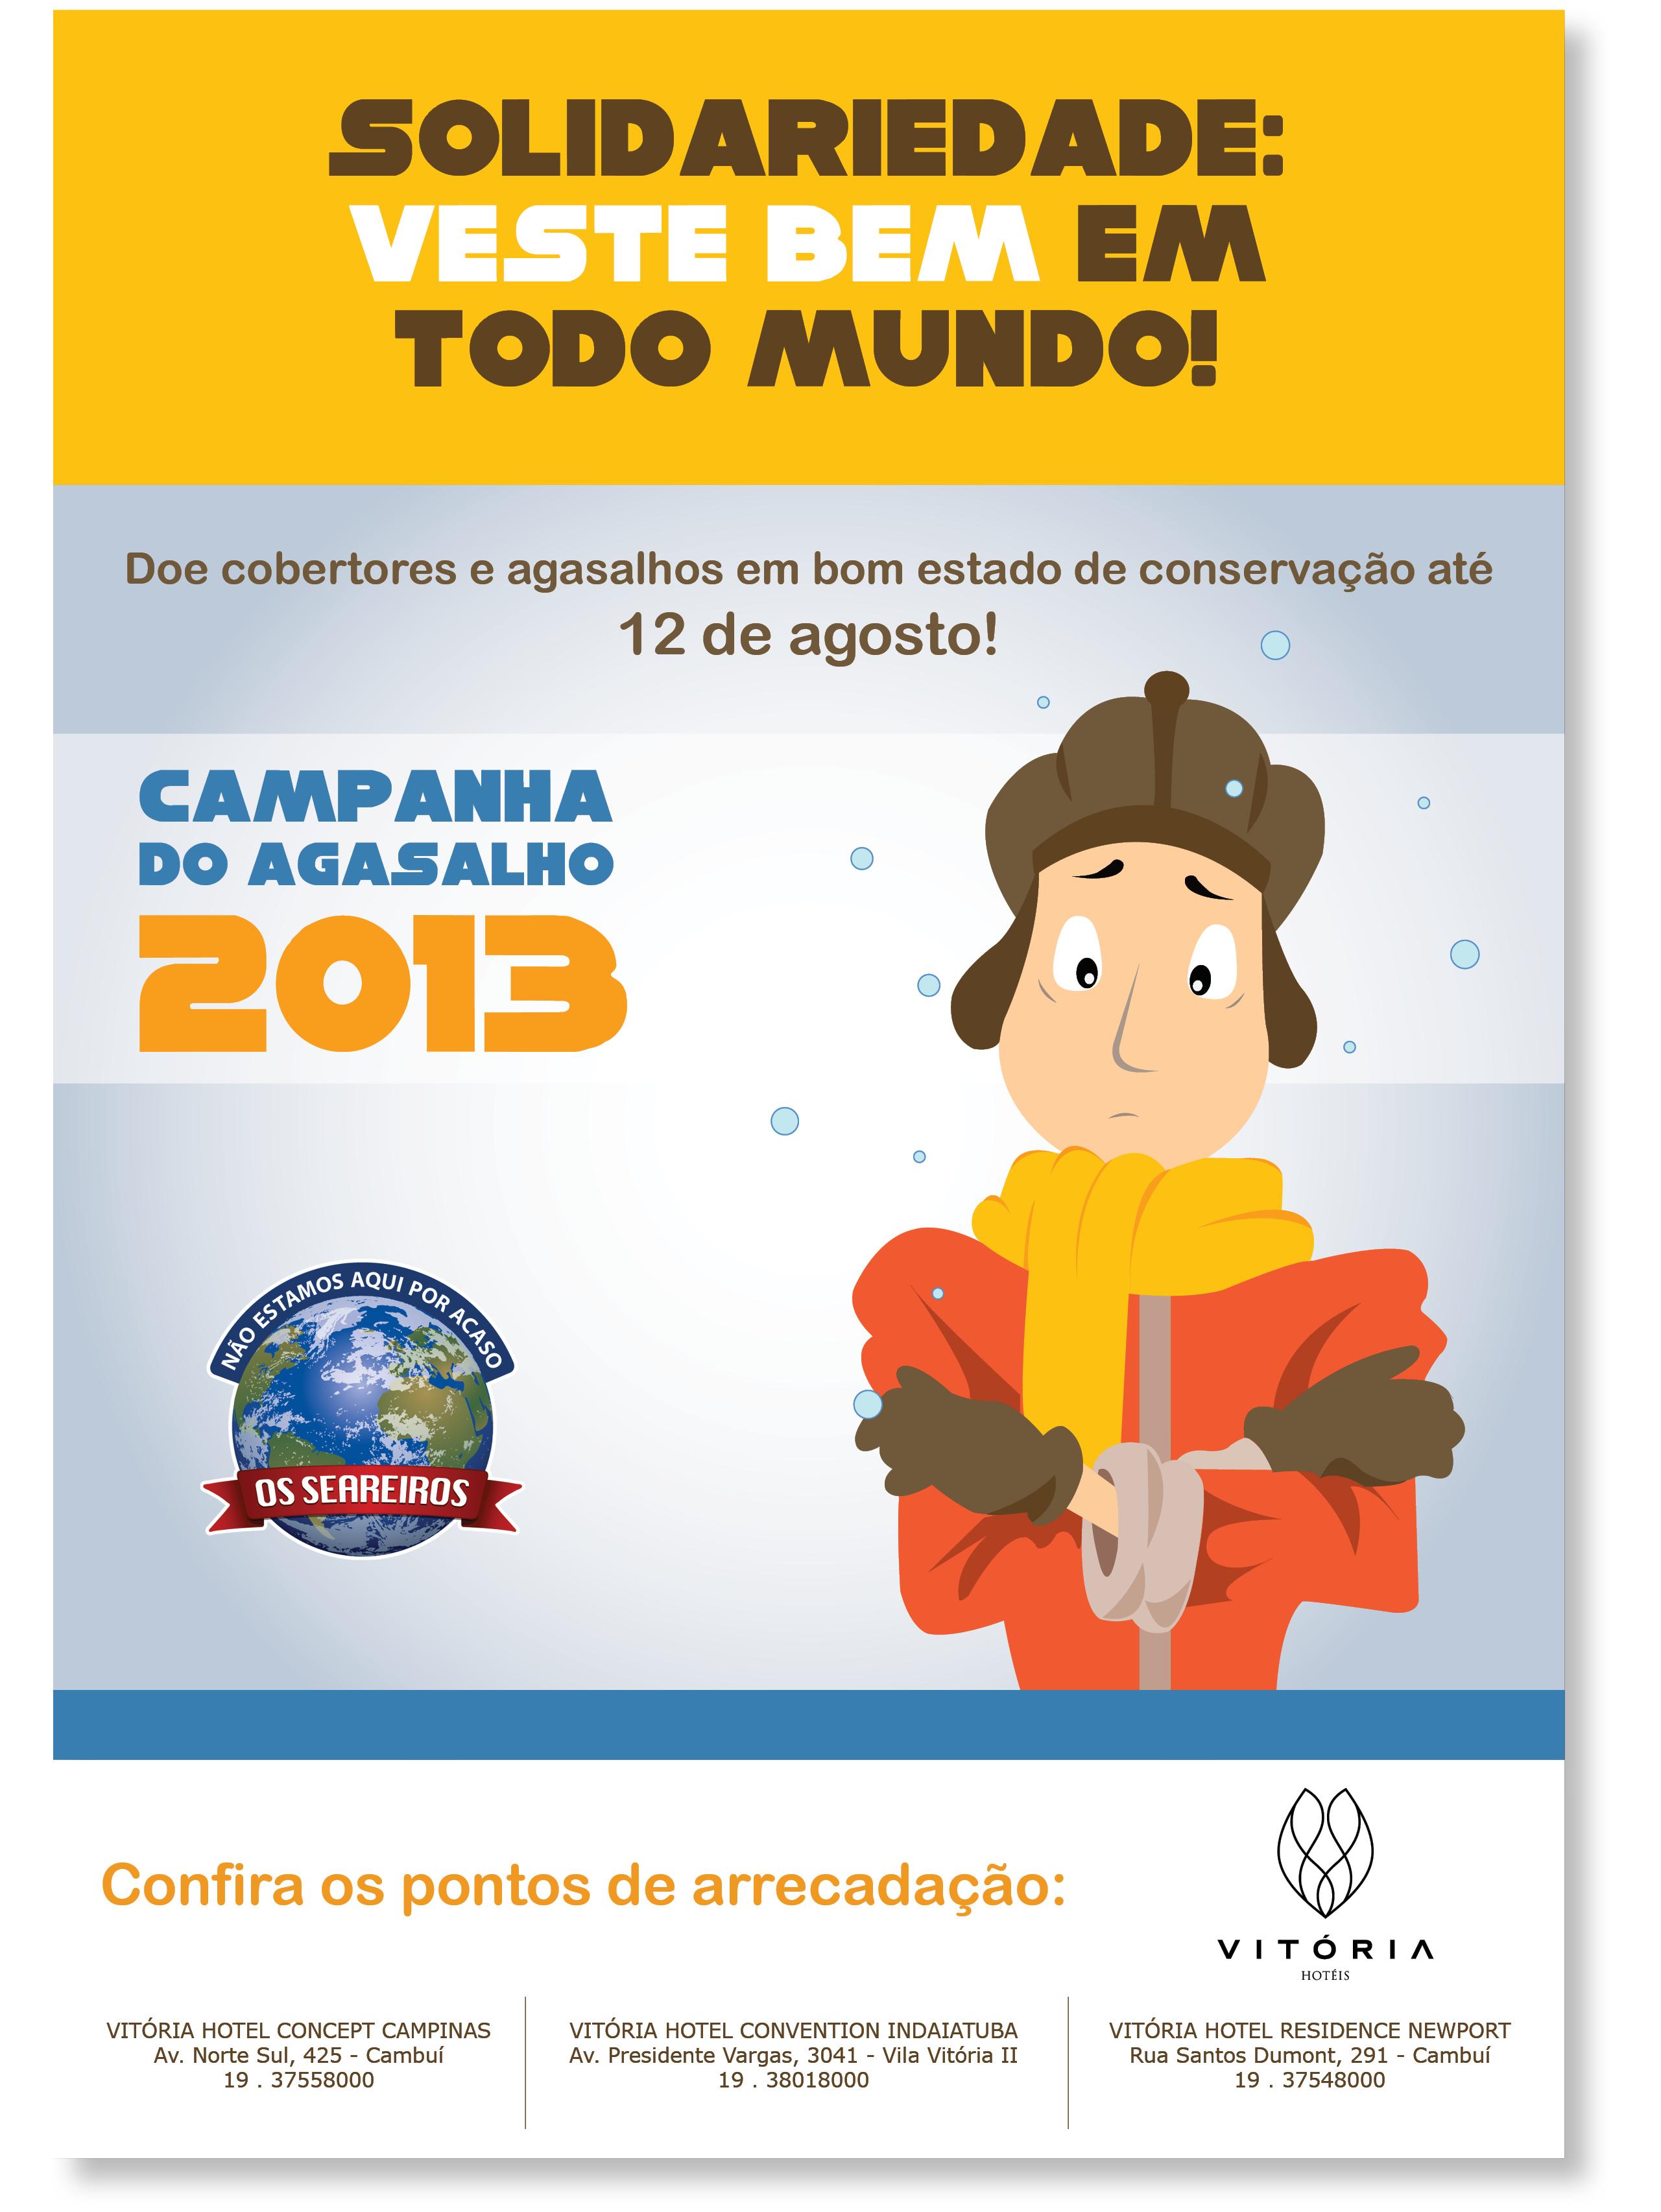 Campanha do agasalho 2013_email mkt